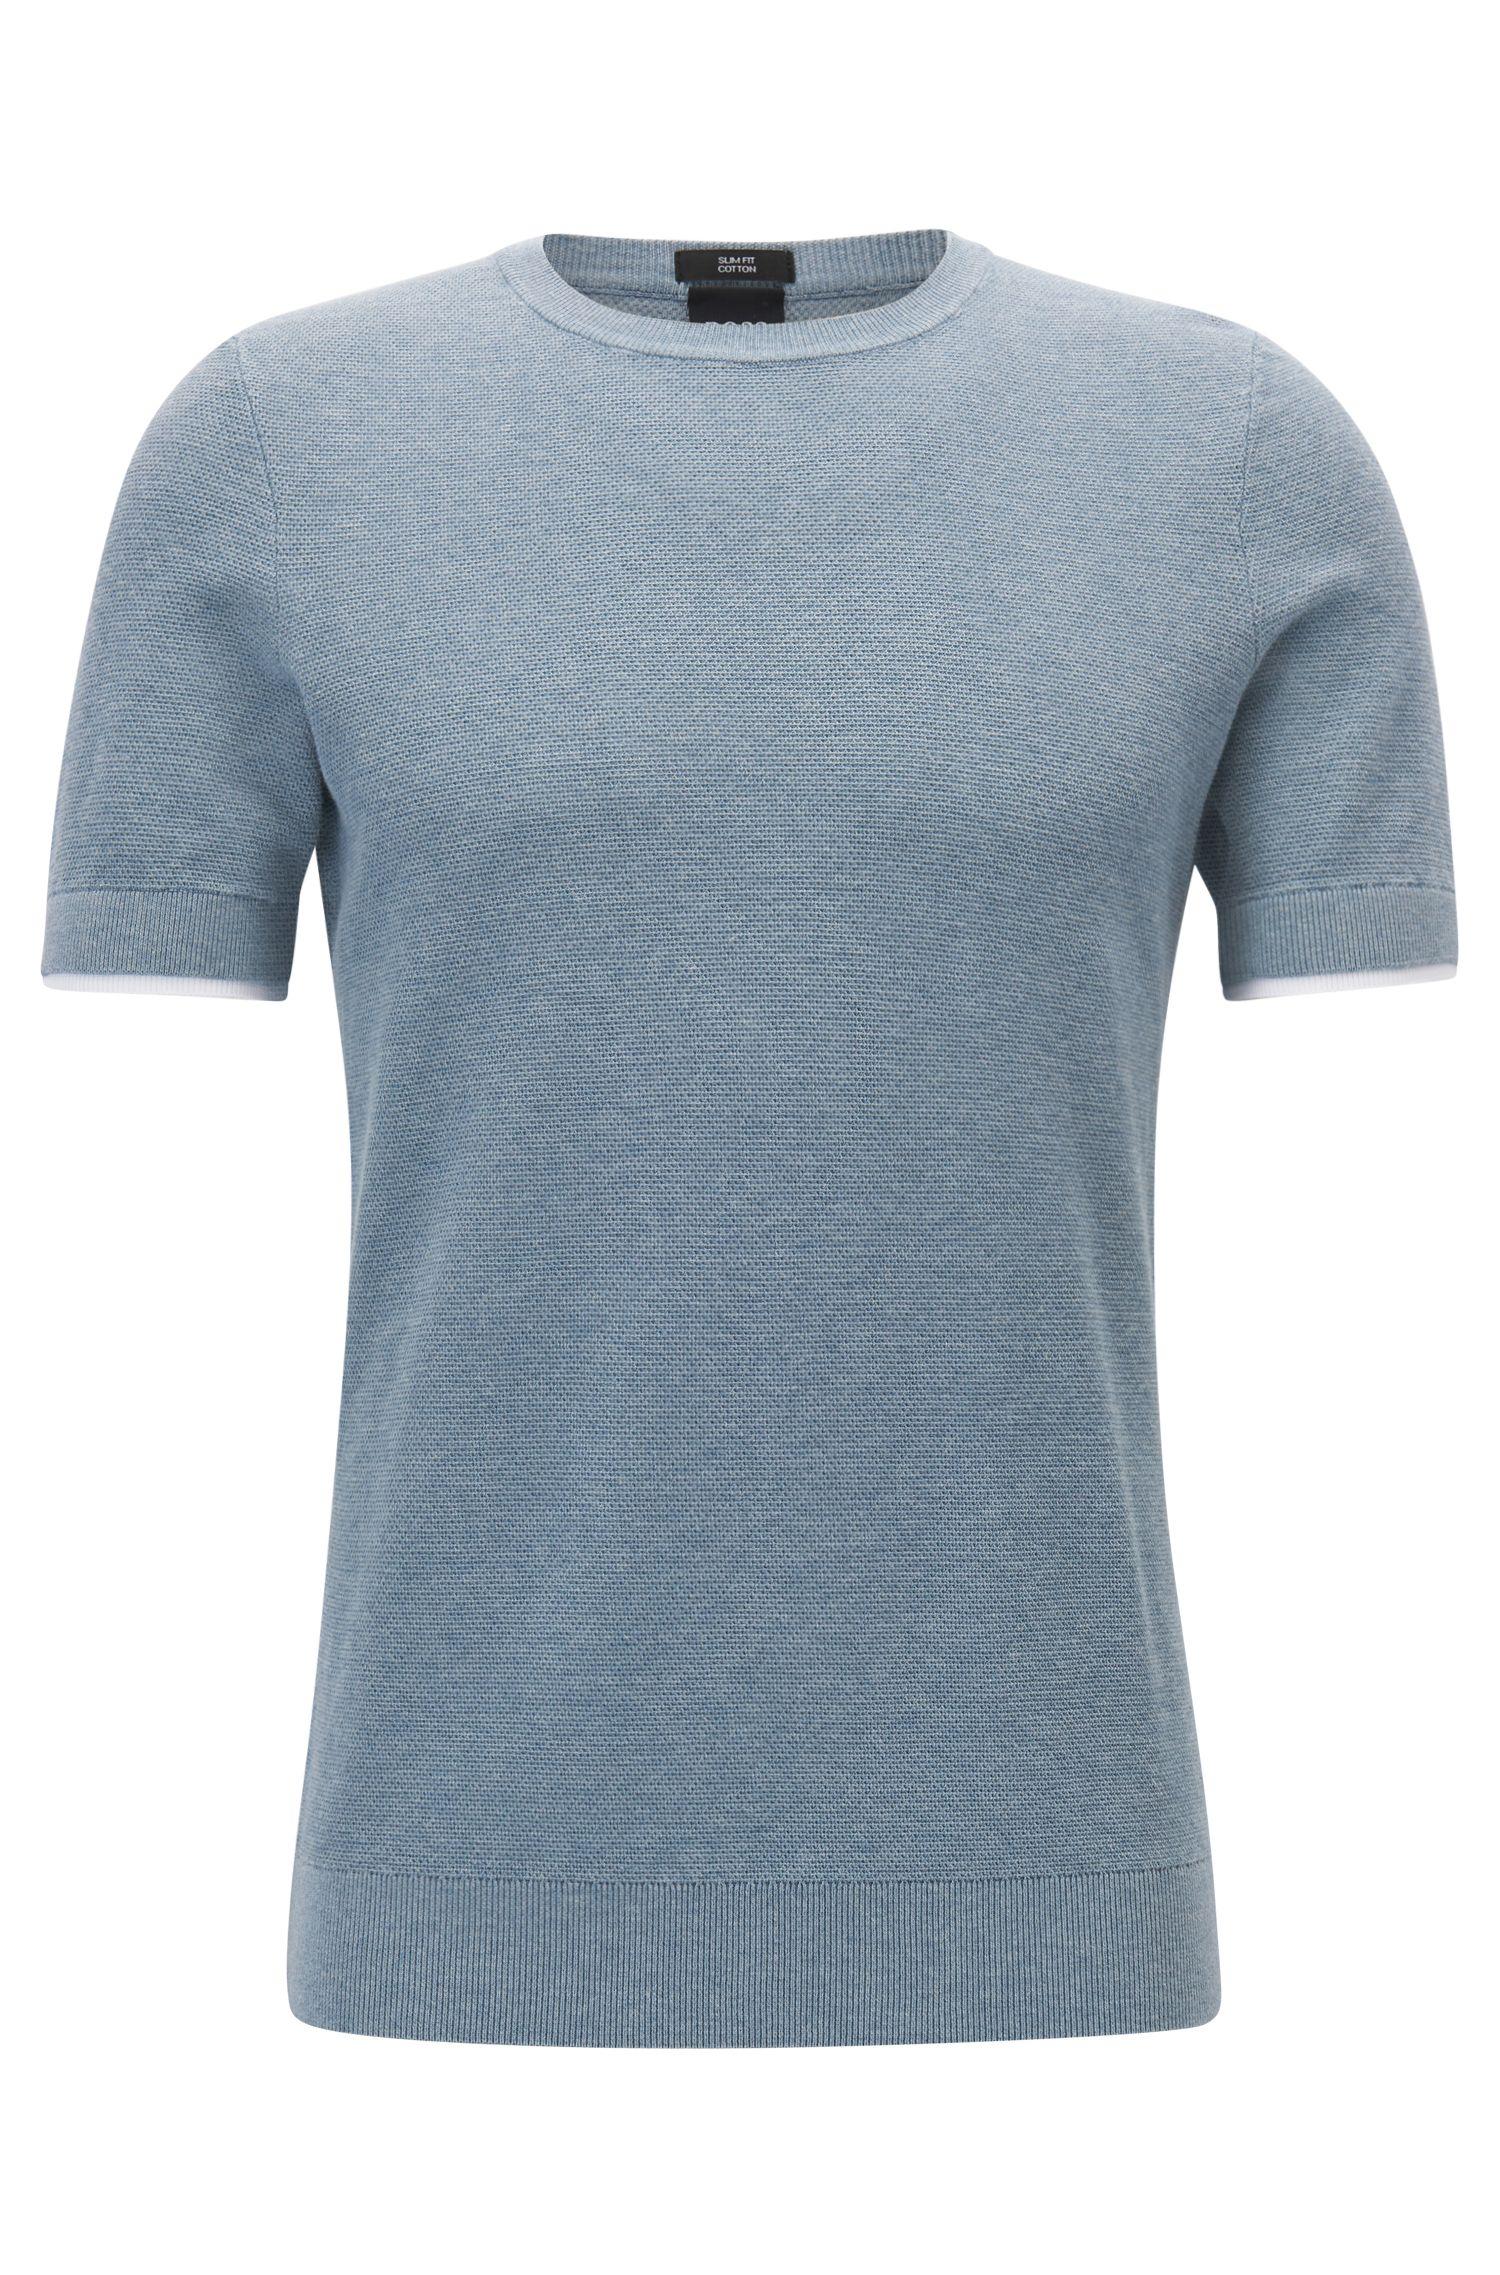 Pull à manches courtes en maille de coton à bordures double épaisseur au bas des manches